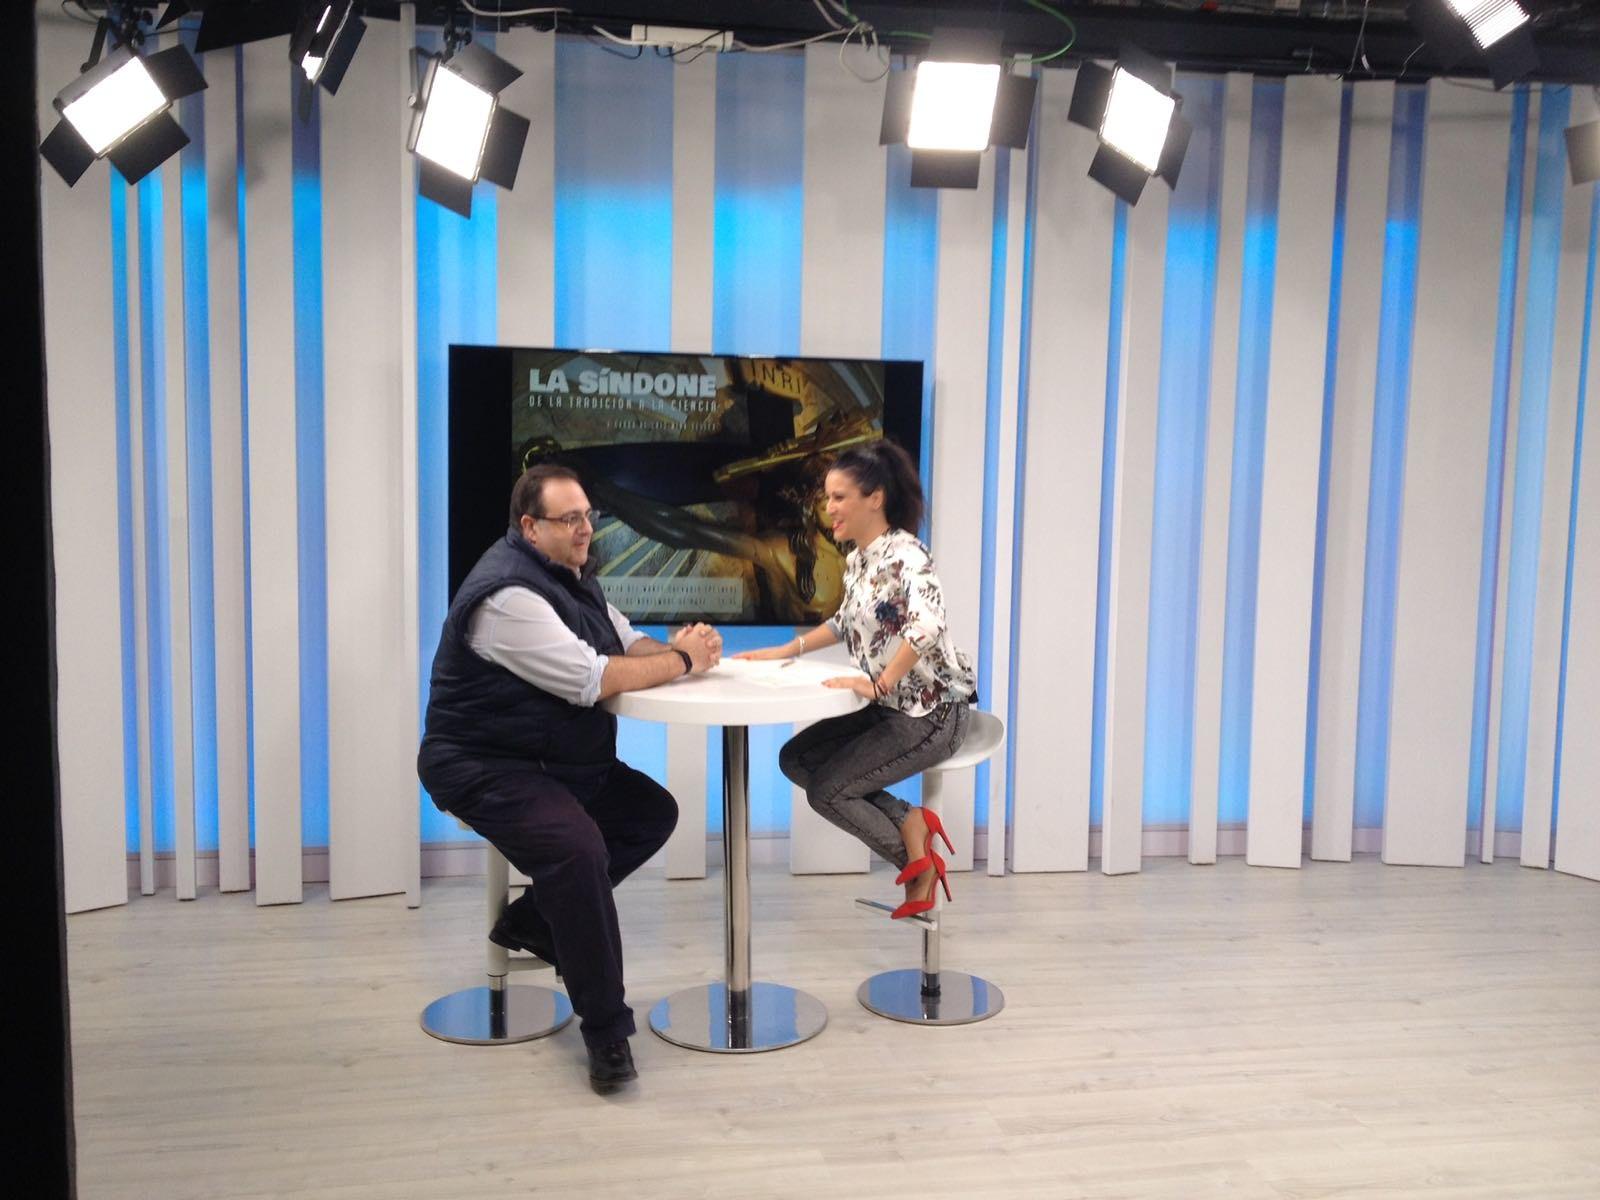 (2017-11-16) - Conferencia Sabana Santa - Entrevista Cableworld (02)